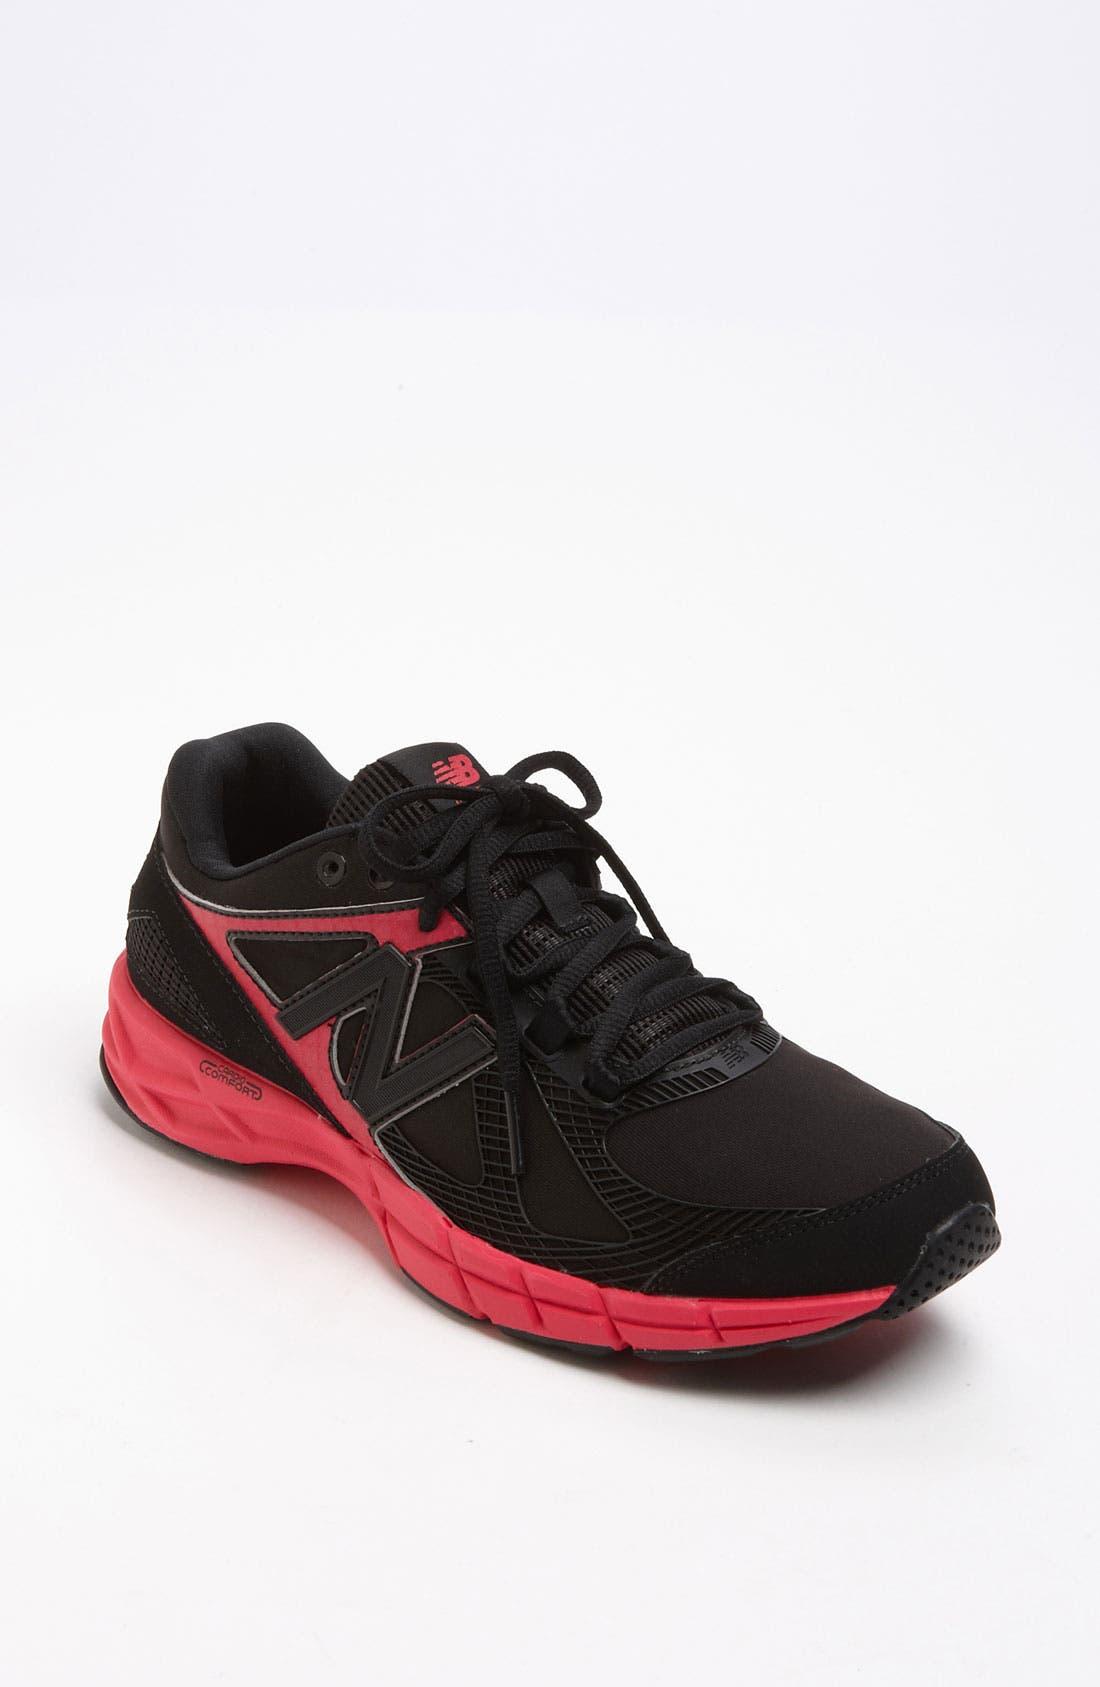 Alternate Image 1 Selected - New Balance '877' Training Shoe (Women)